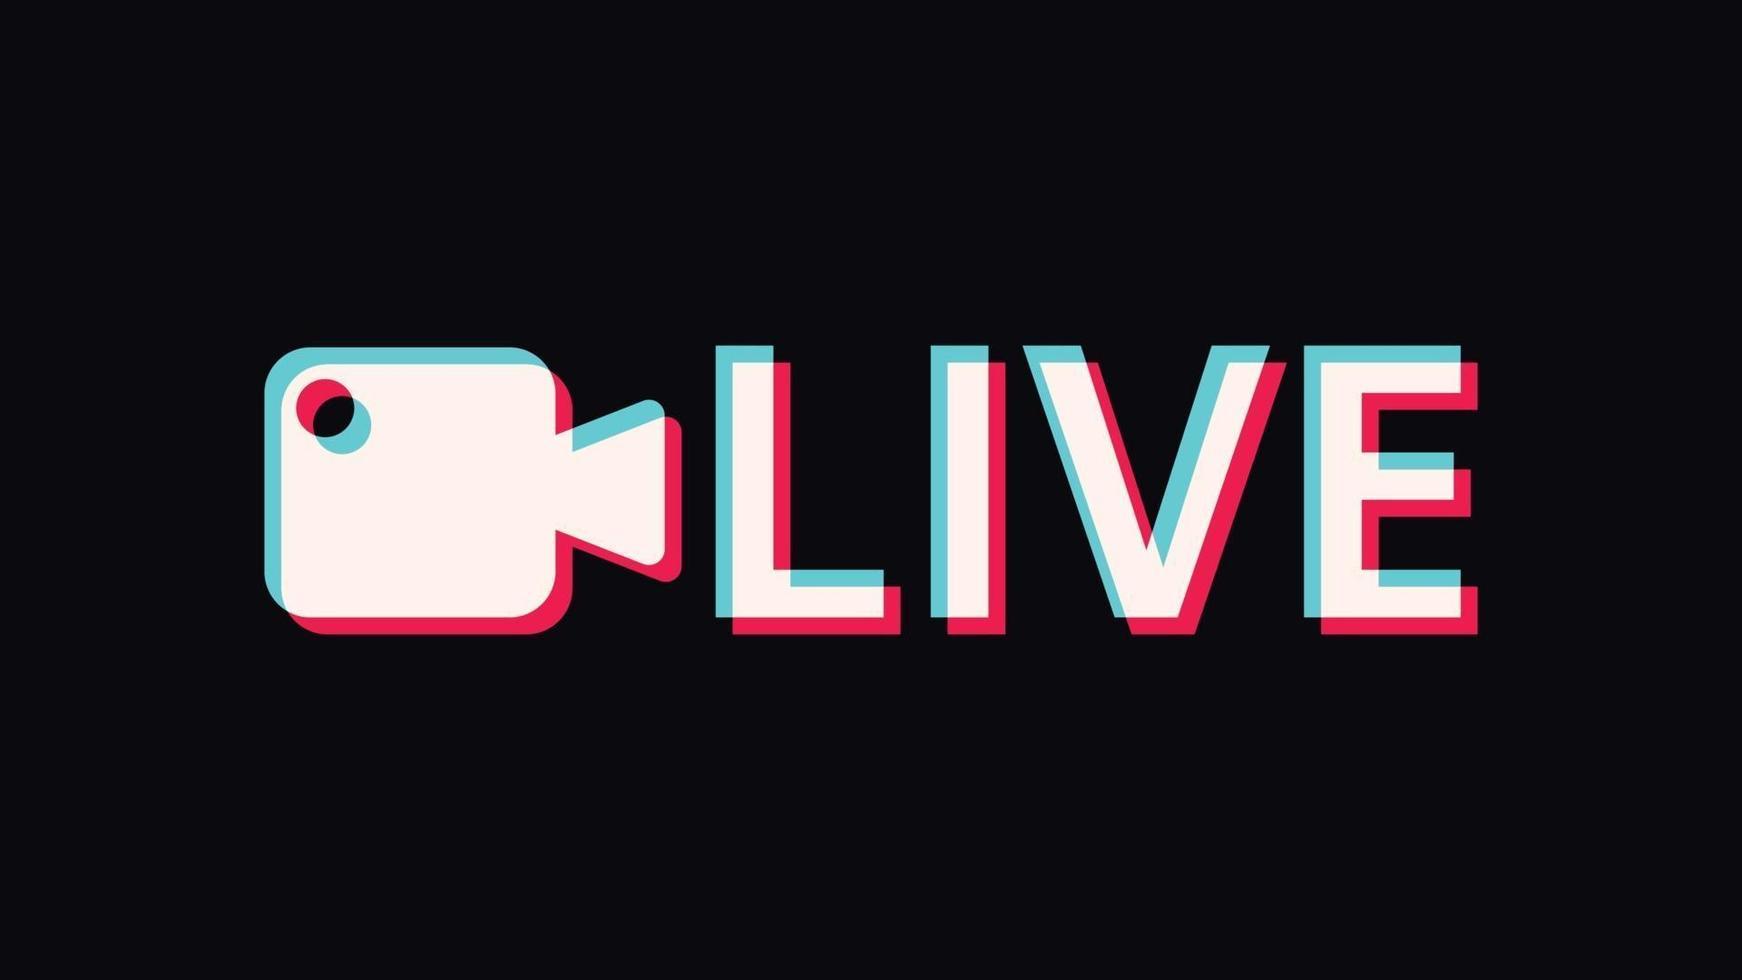 live streaming online teken en logo. tekst kunst ontwerp. vector illustratie